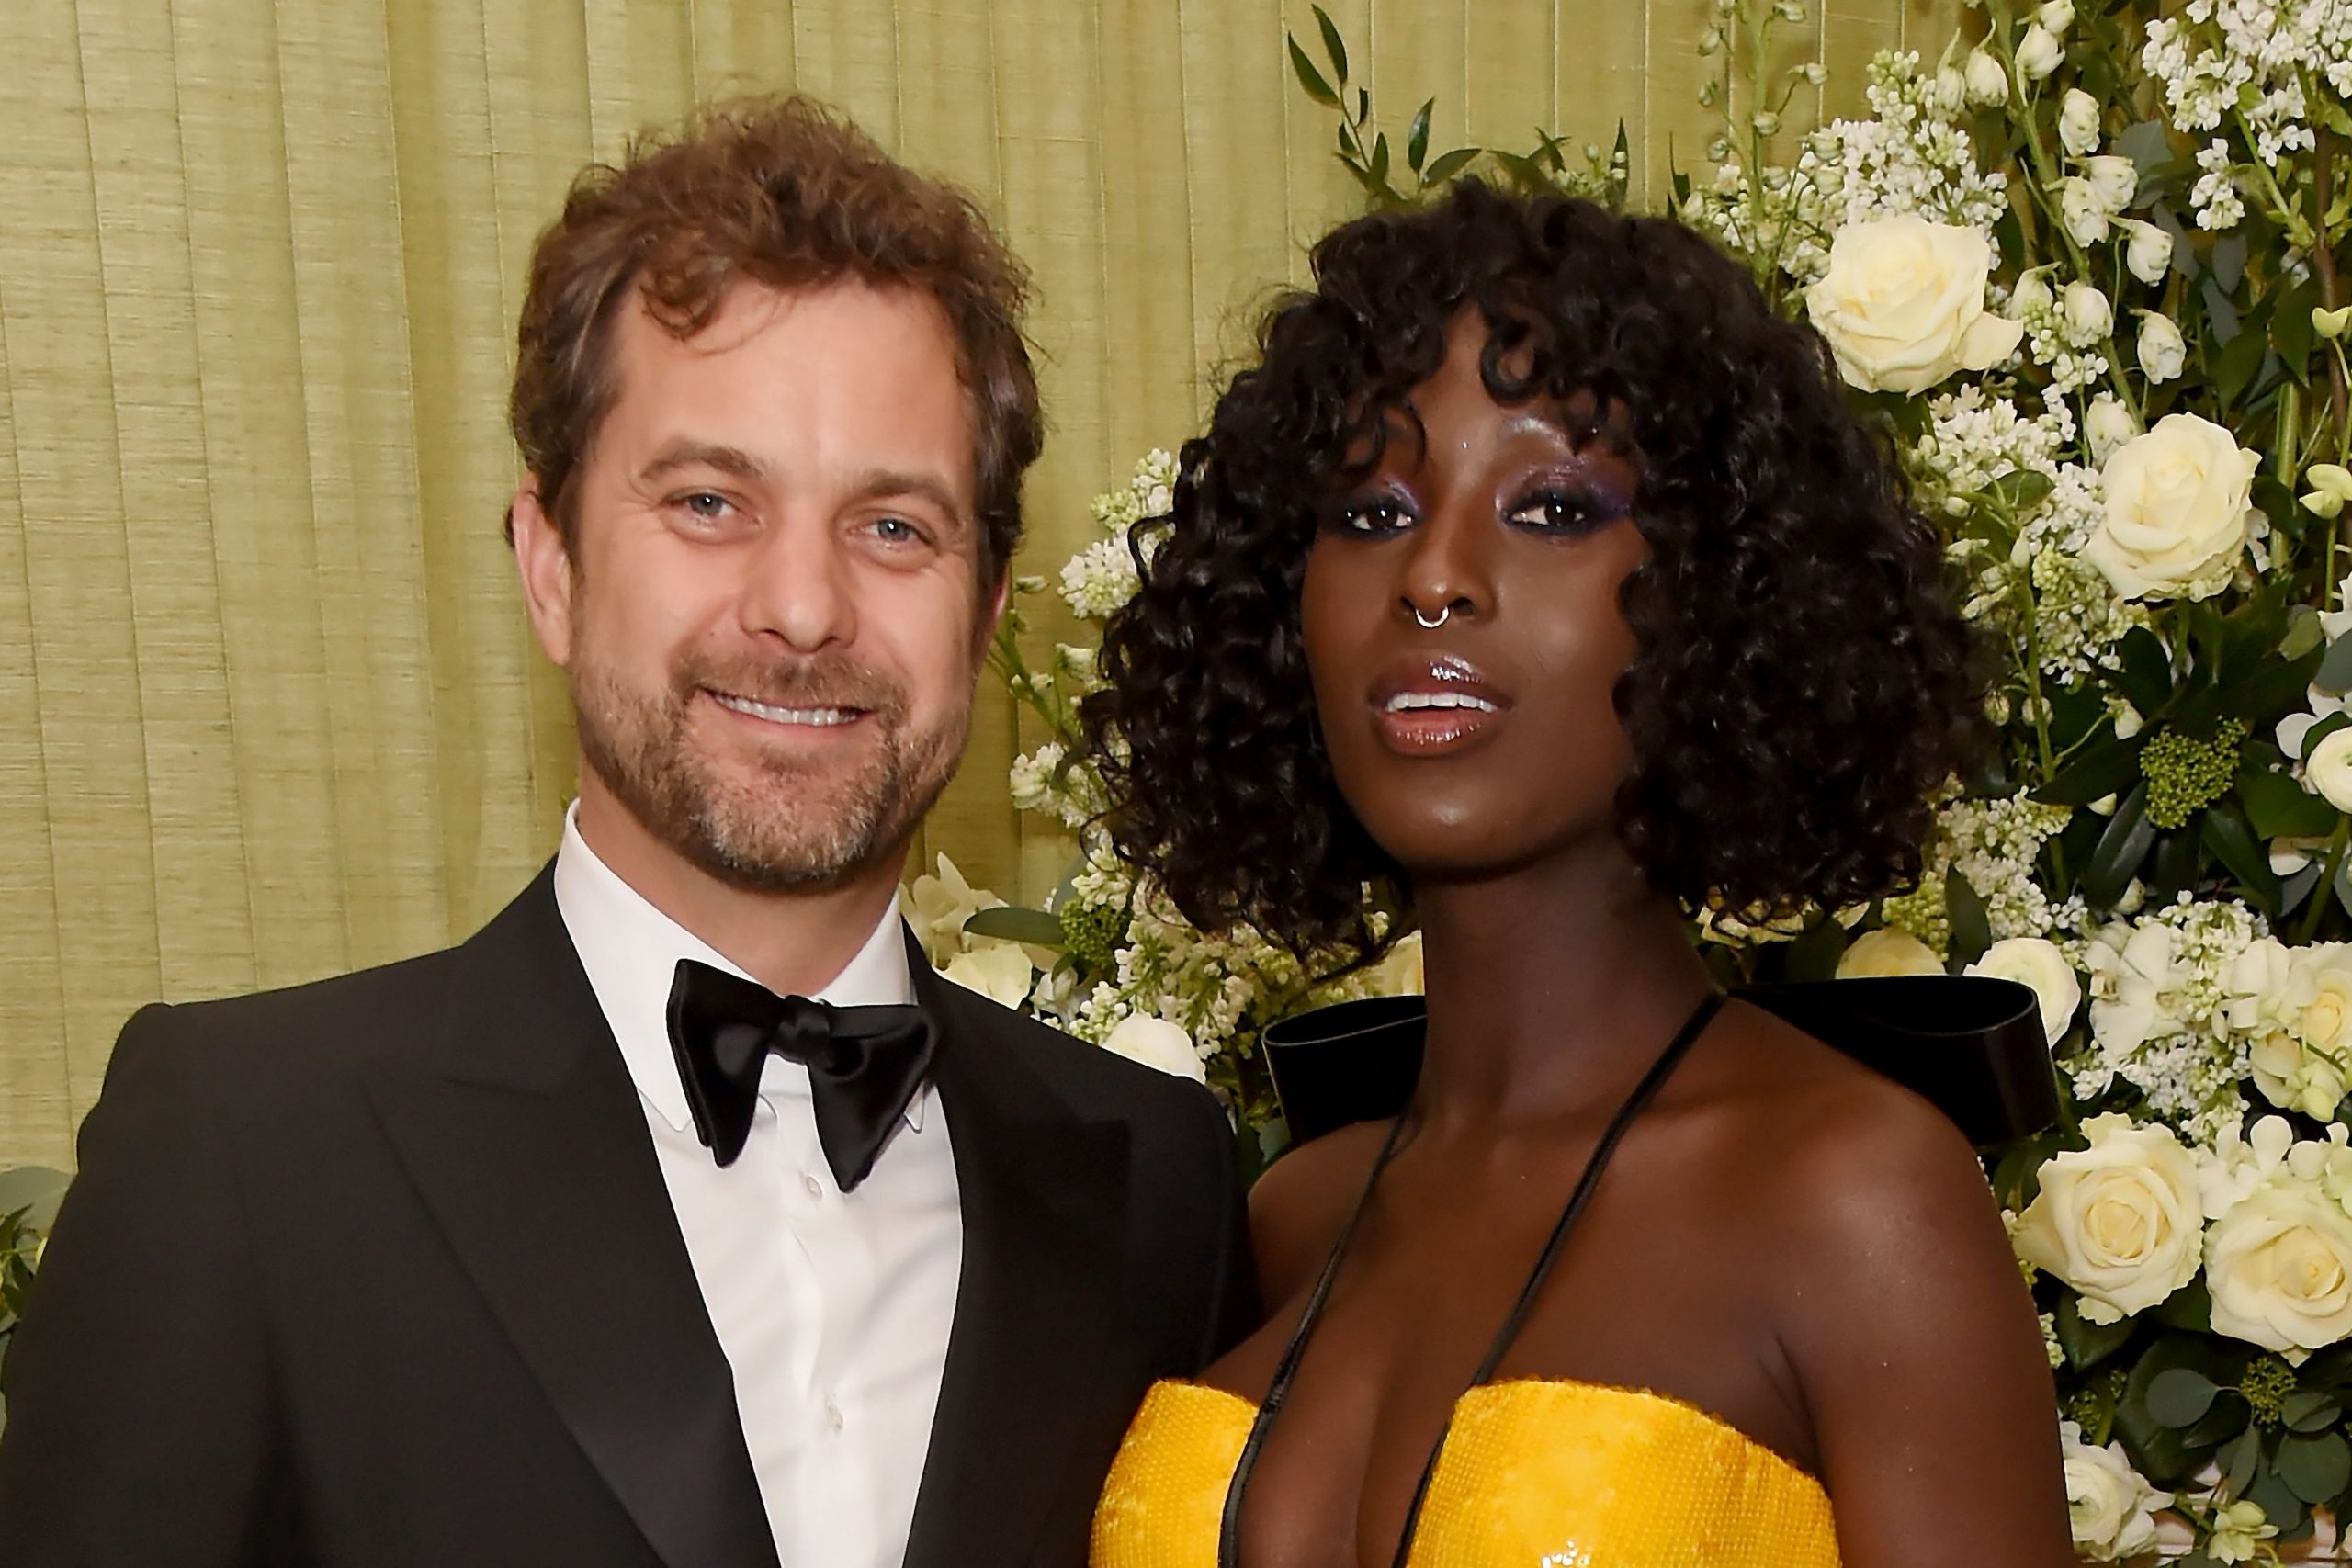 Joshua Jackson and Jodie Turner-Smith. Photo: David M. Benett/Dave Benett/Getty Images